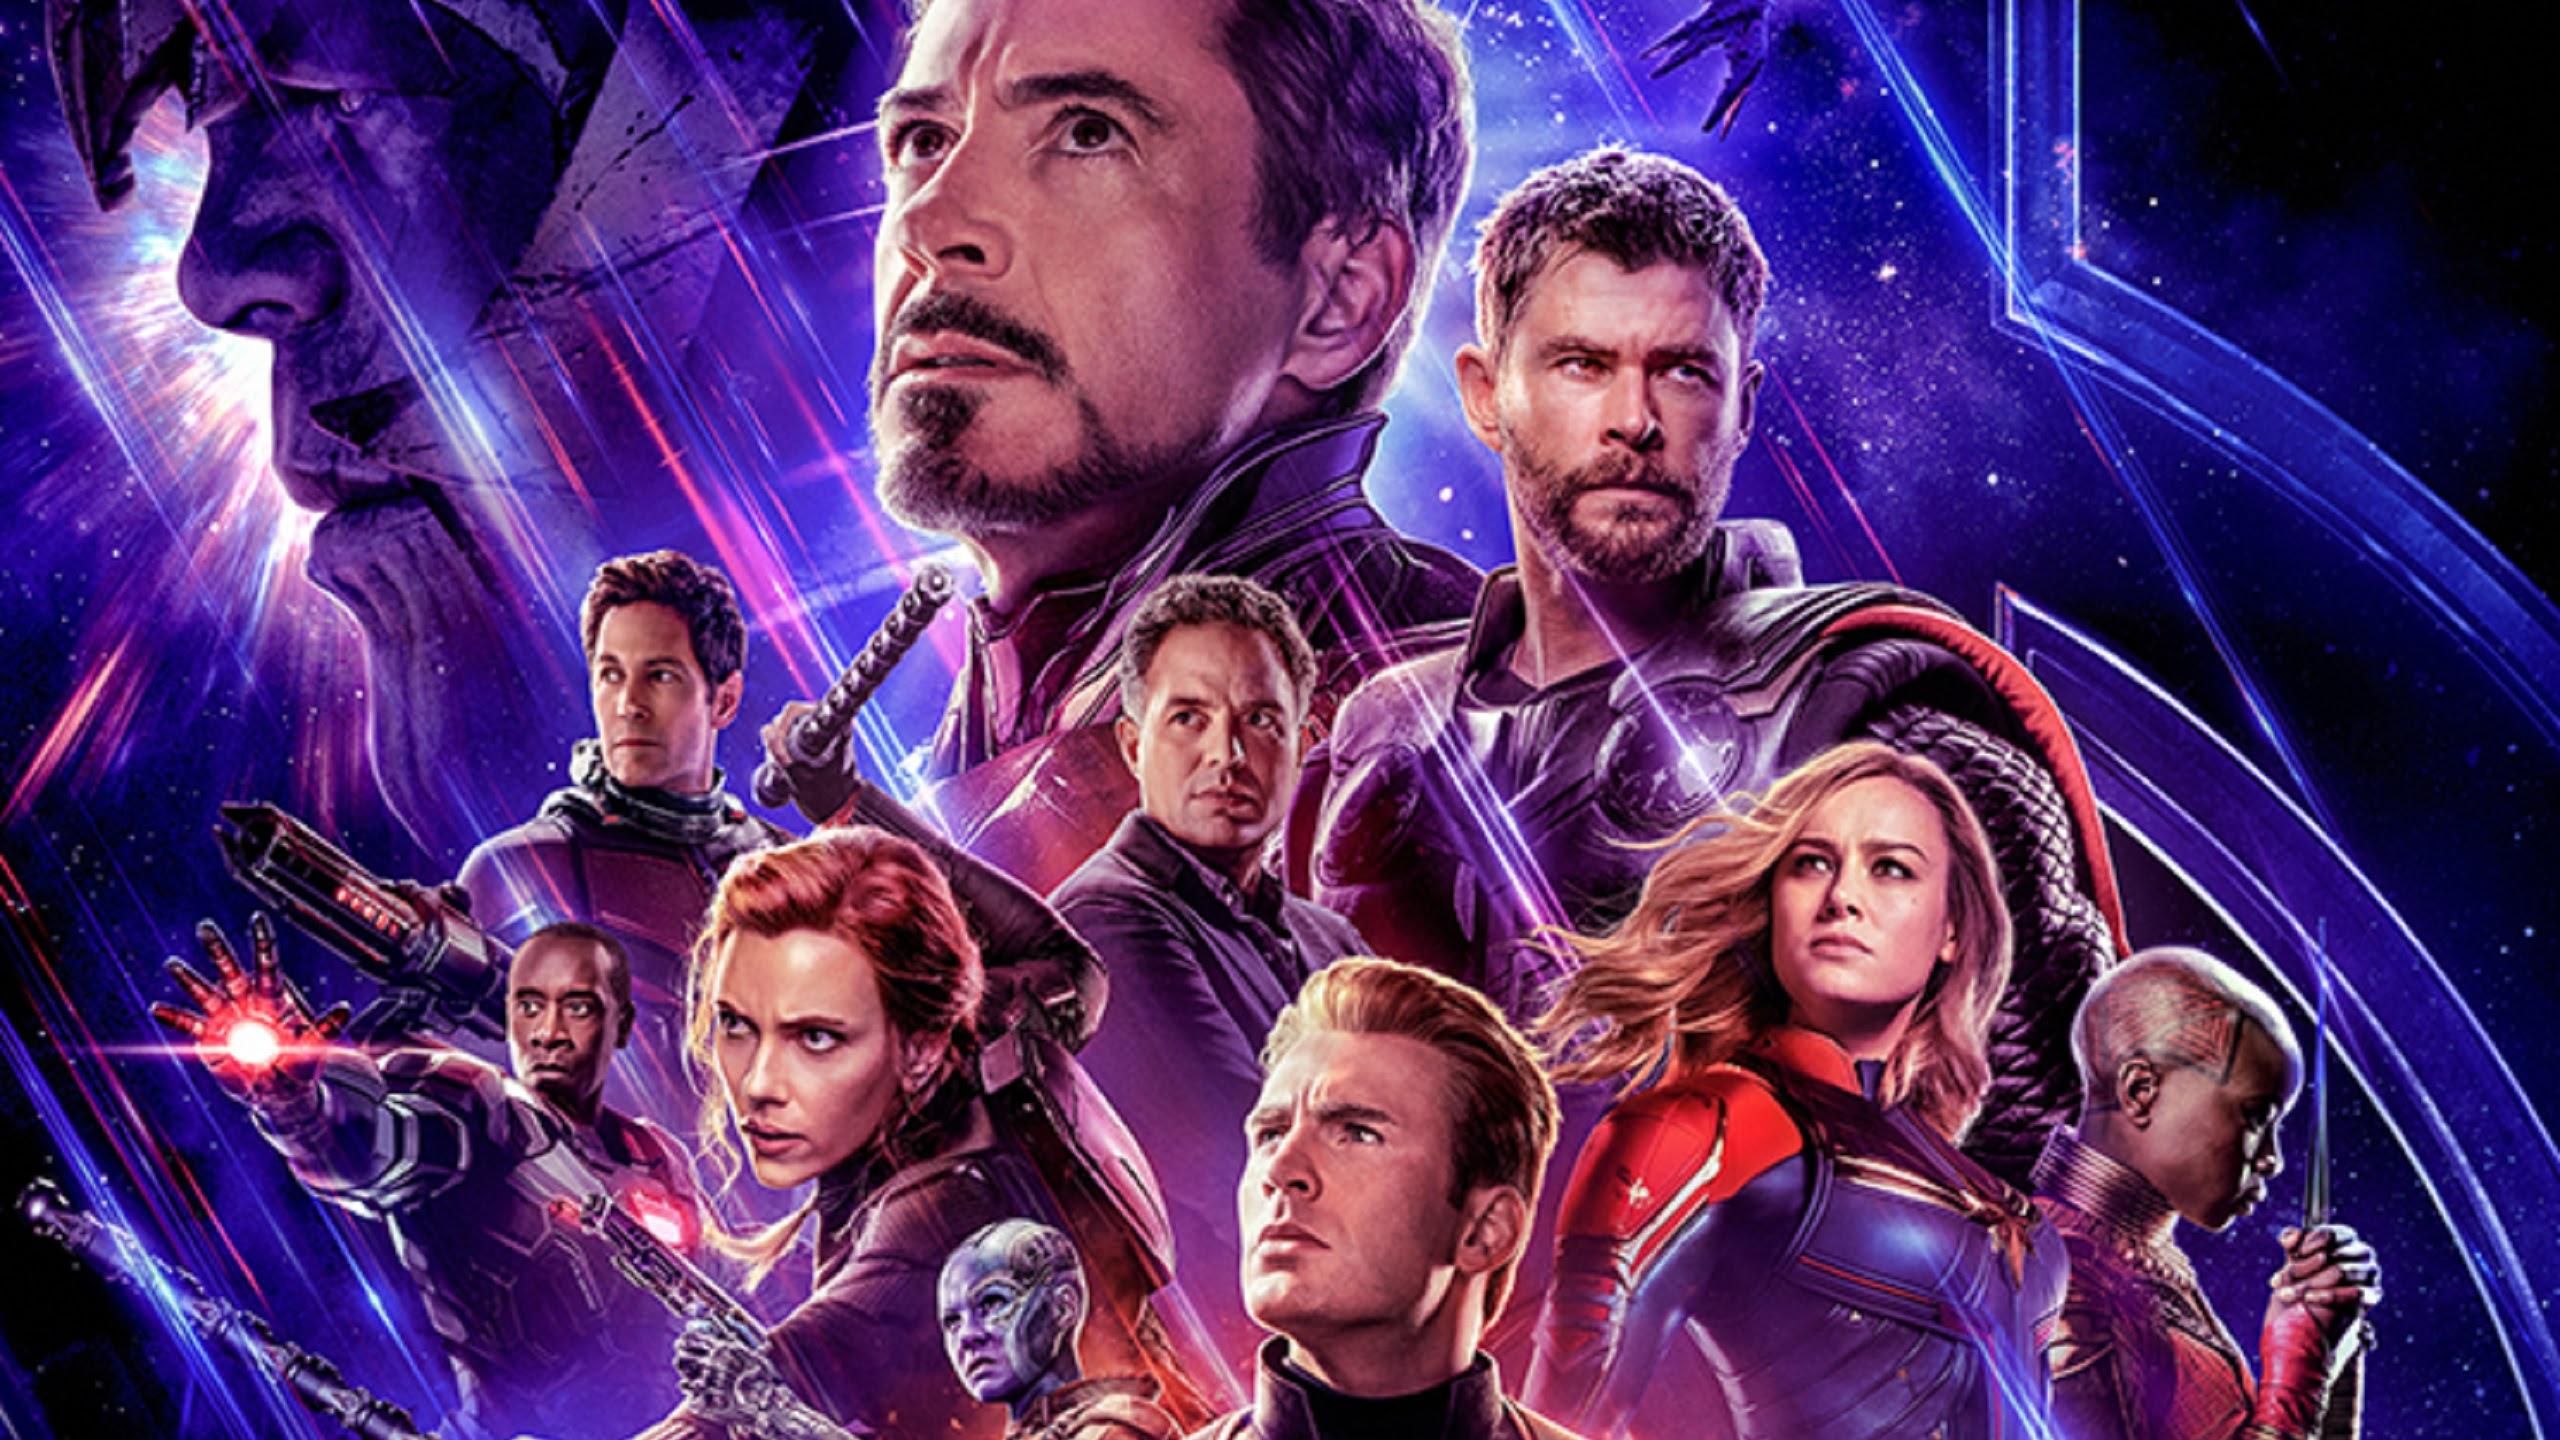 Мстители 4 Twitter: Вышел новый трейлер фильма Avengers: Endgame / «Мстители